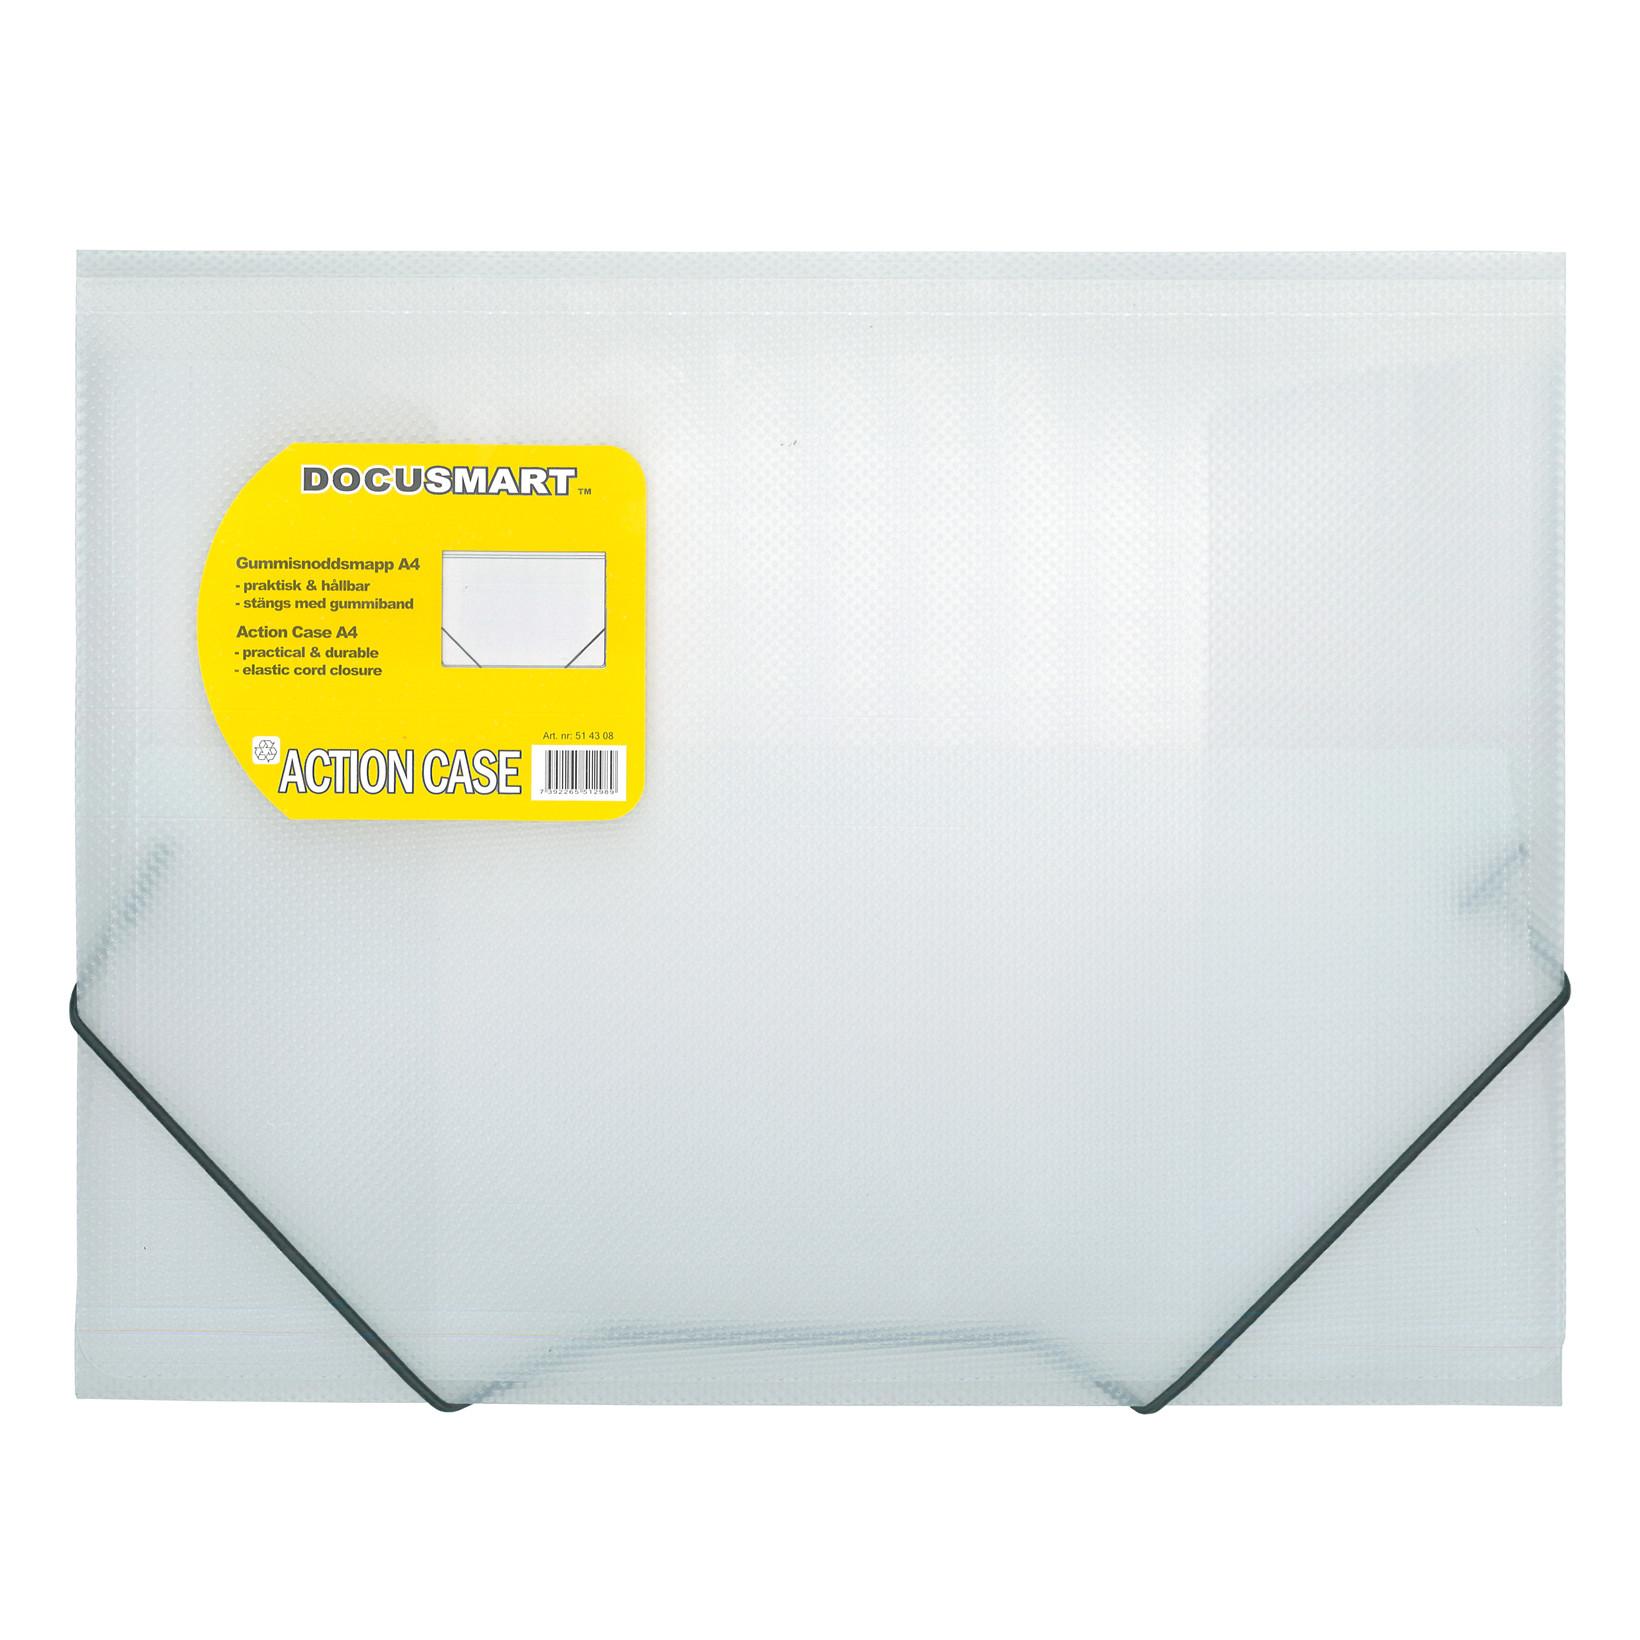 A4 mappe i plast BNT med 3 klapper Dokusmart - klar